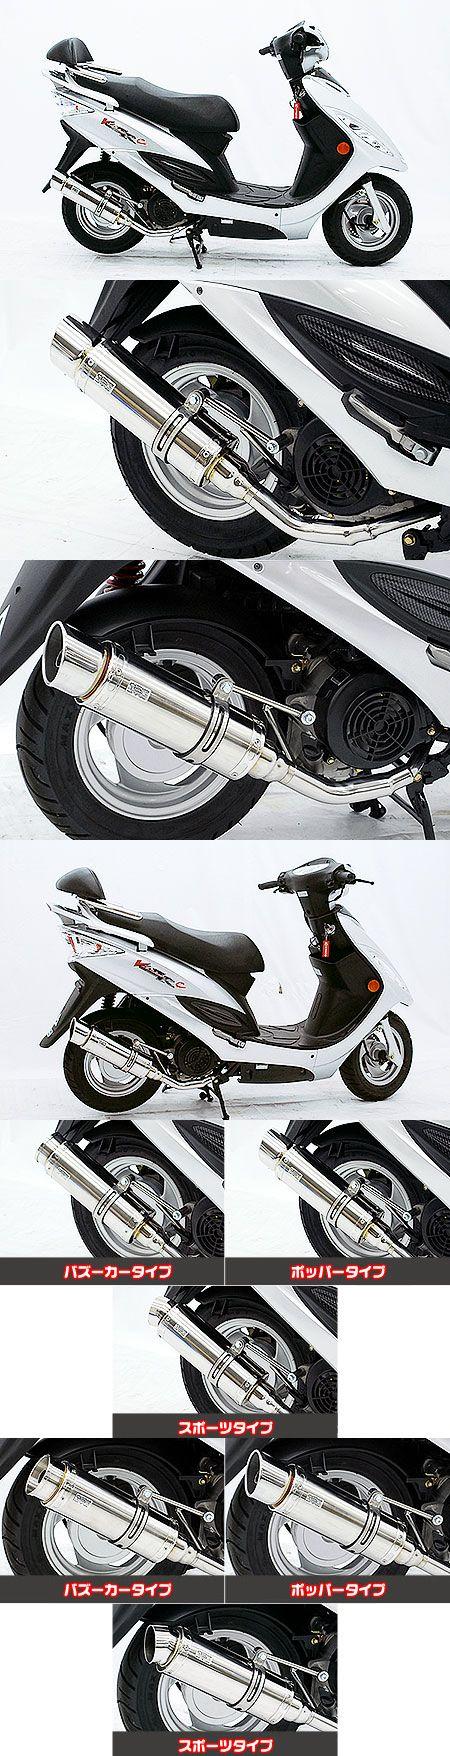 【WirusWin】Tiger auto聯名款 Royal全段排氣管 Popper型 - 「Webike-摩托百貨」